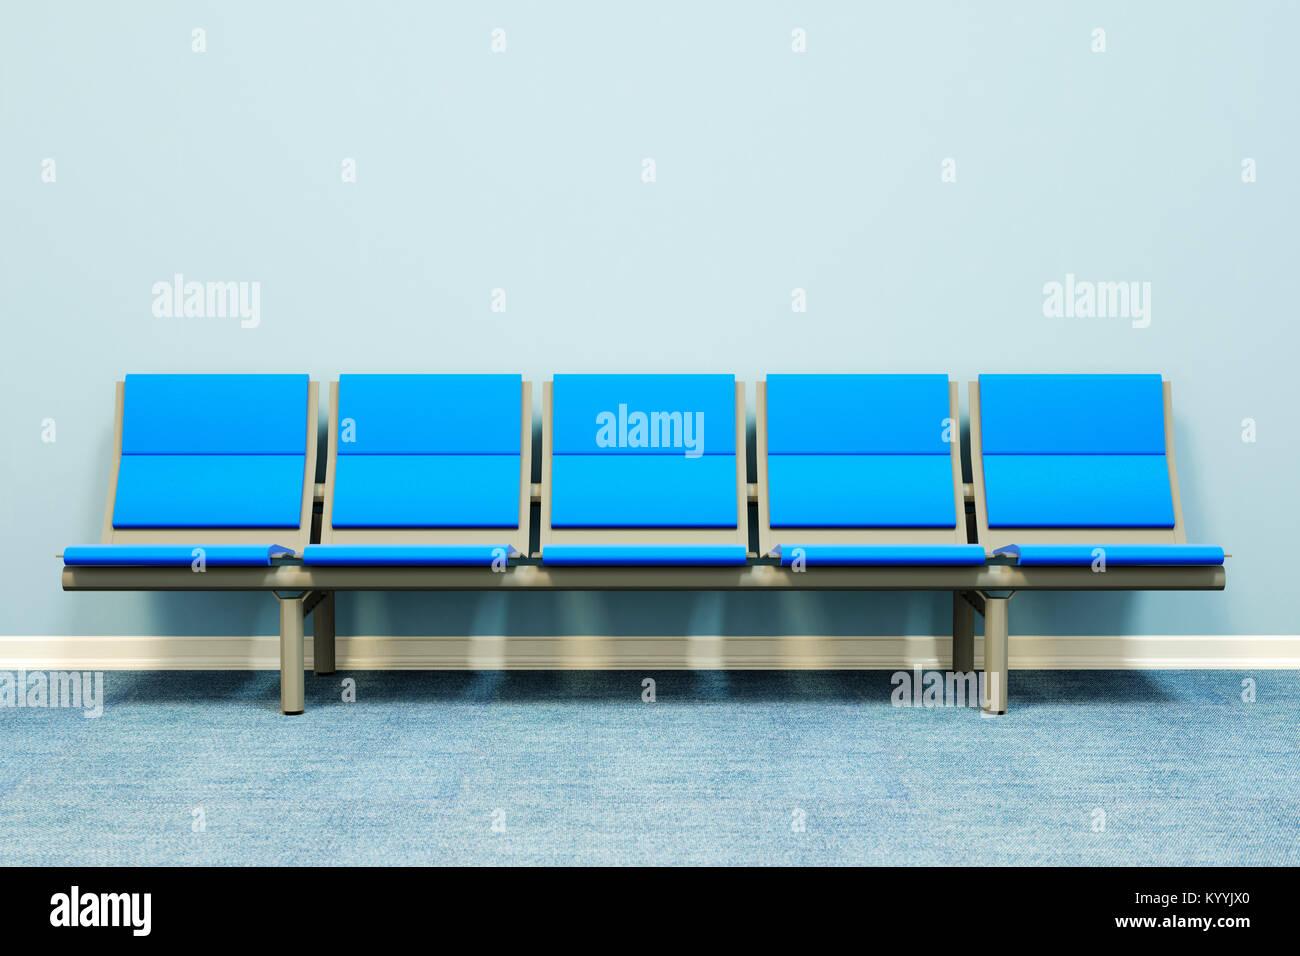 Fünf Sitze in einer Reihe gegen eine Wand in einem leeren Raum - Wartezimmer, Krankenhaus, Ärzte, Medizin, Stockbild